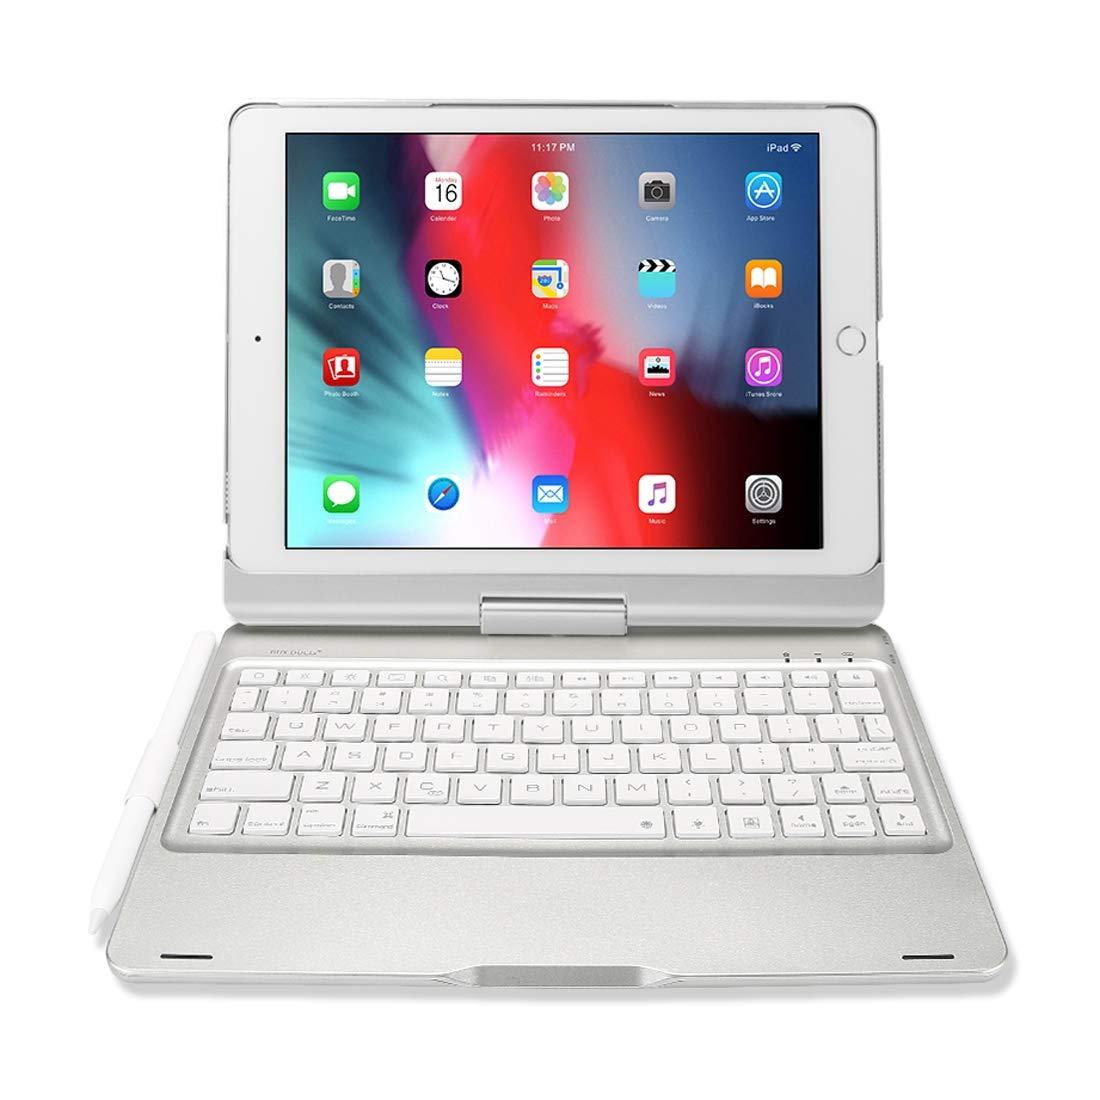 【オープニングセール】 DUX 白 DUCIS iPad B07R2FKTRB 9.7インチ用超薄型ABSワイヤレスキーボード保護ケース ハイクオリティ DUX (色 : 白) 白 B07R2FKTRB, プリザーブドフラワー花材アミファ:109a650b --- a0267596.xsph.ru